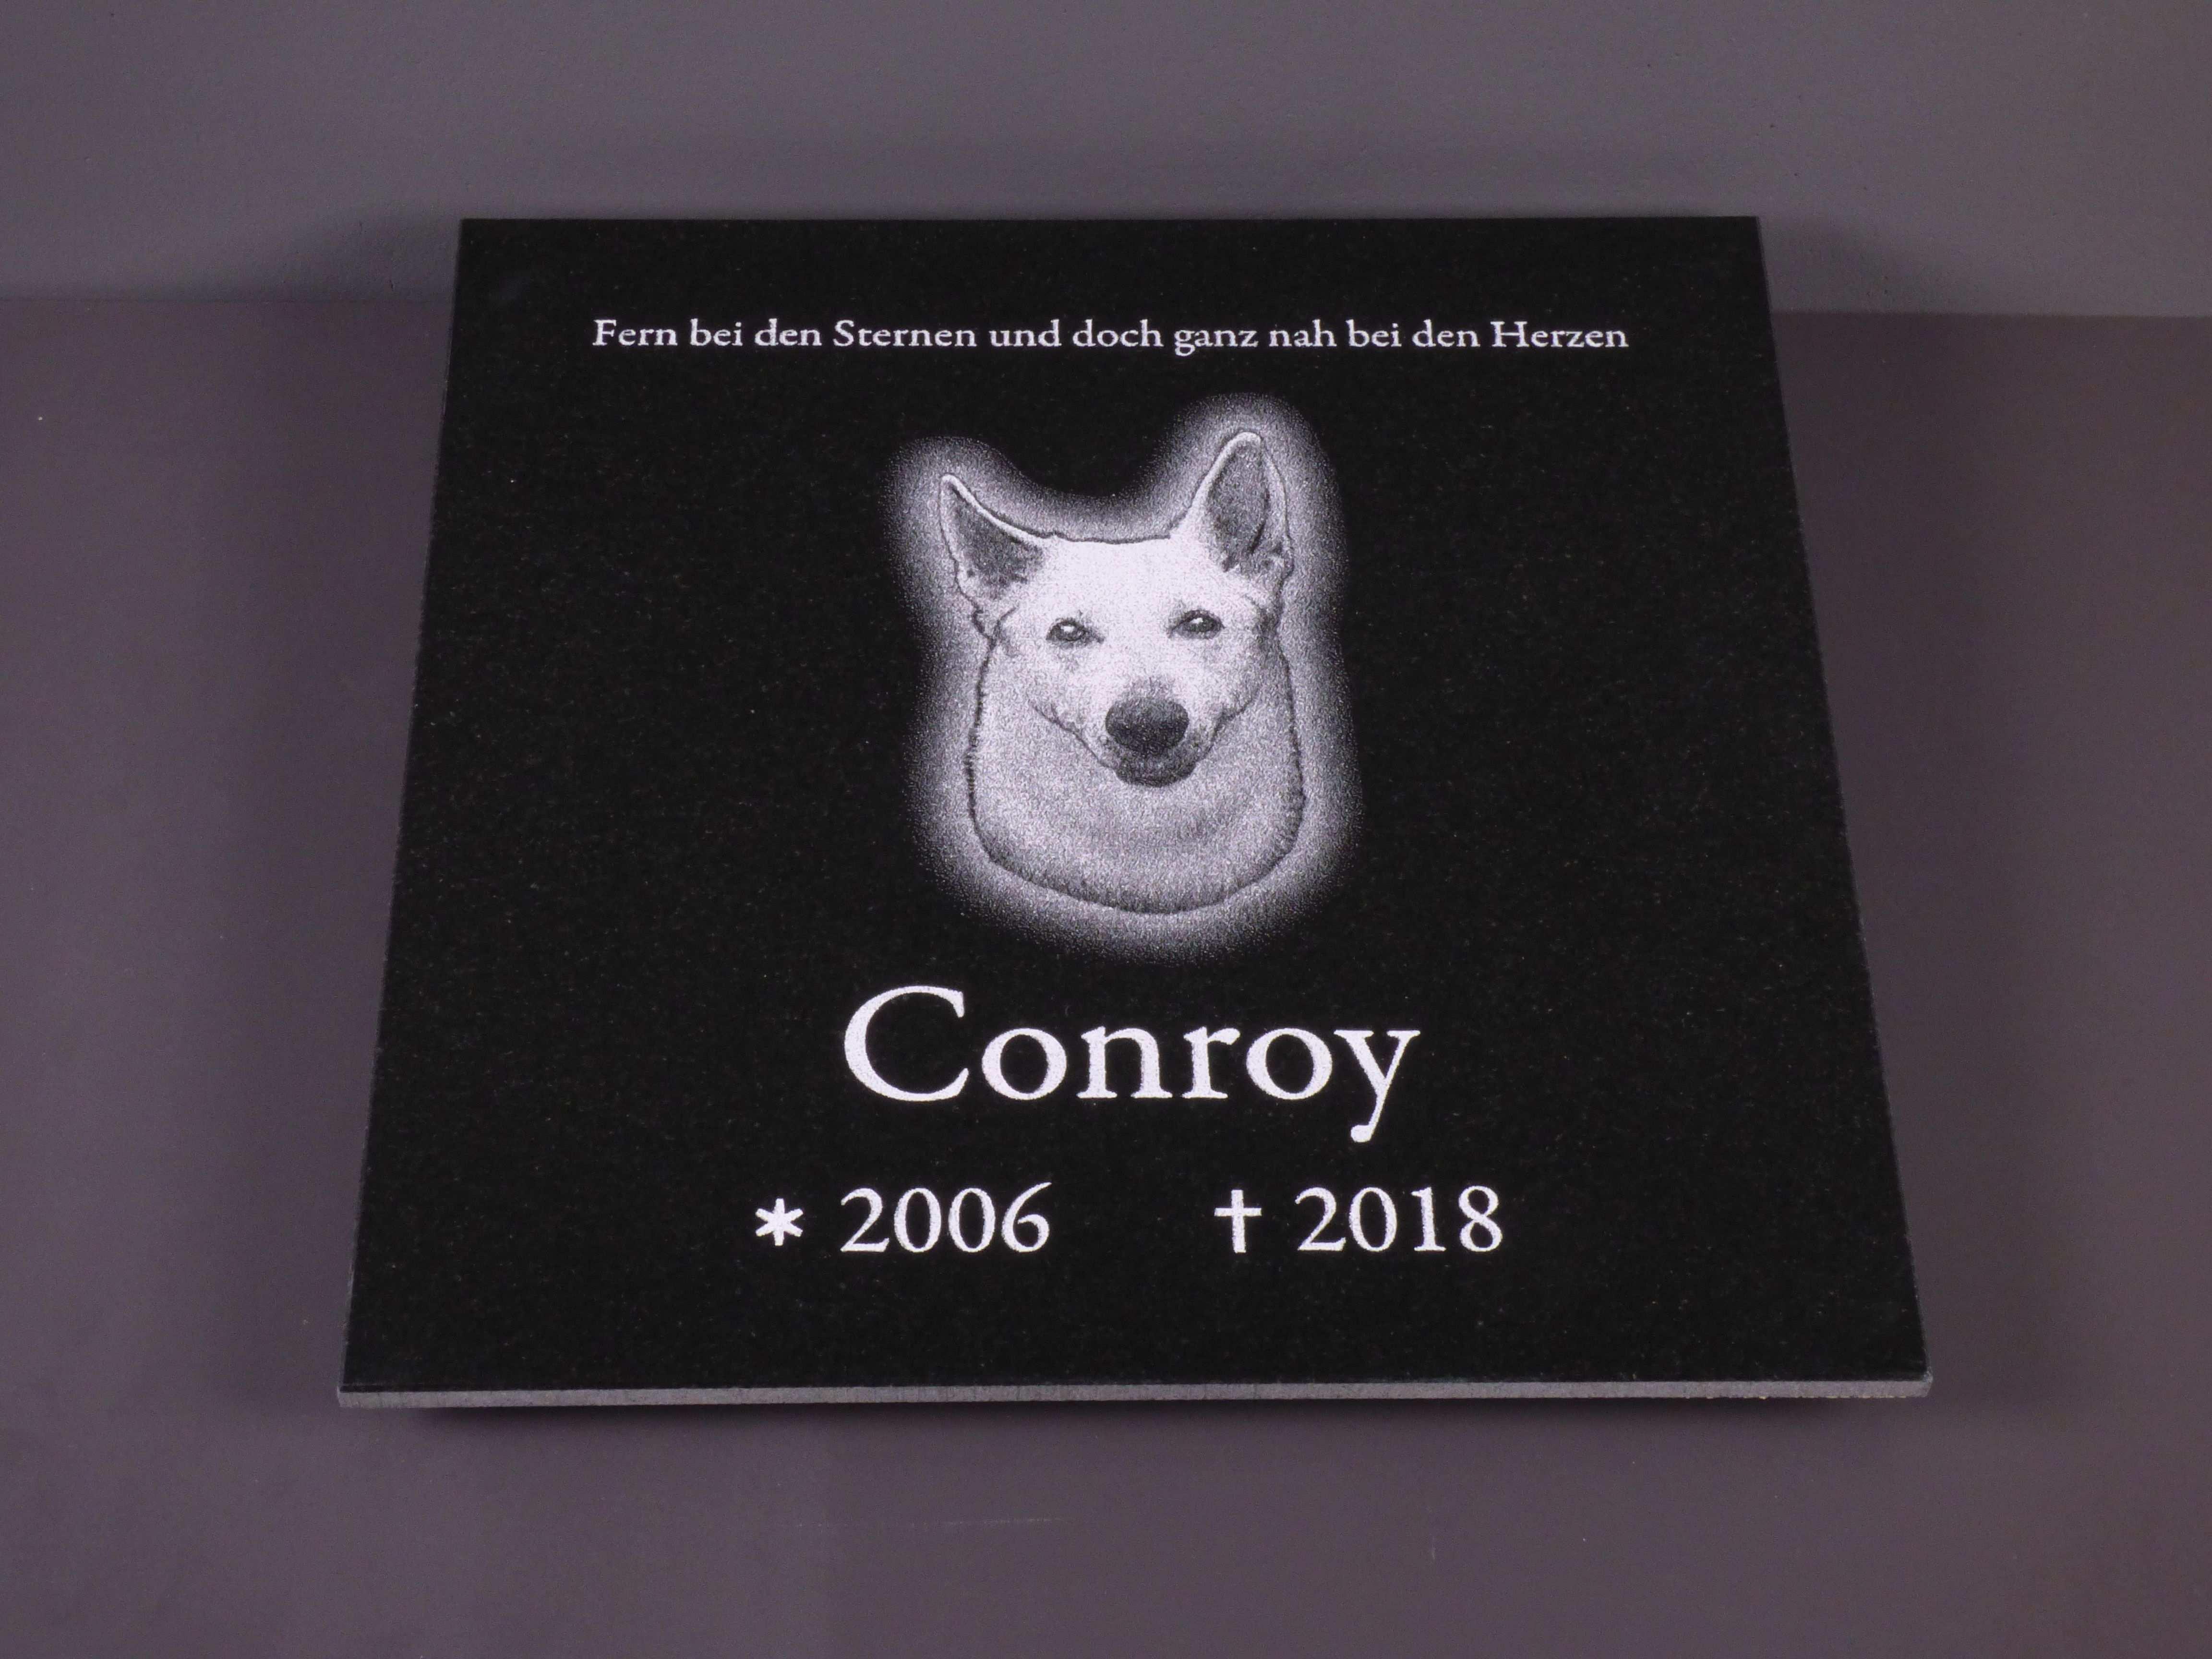 Tiergrabstein Tiergrabplatte Hund 40x40x1 Cm Aus Naturstein Indian Black Inkl Fotobearbeitung Und Beschriftung Foto Und Textgravu Tiere Gedenksteine Hunde